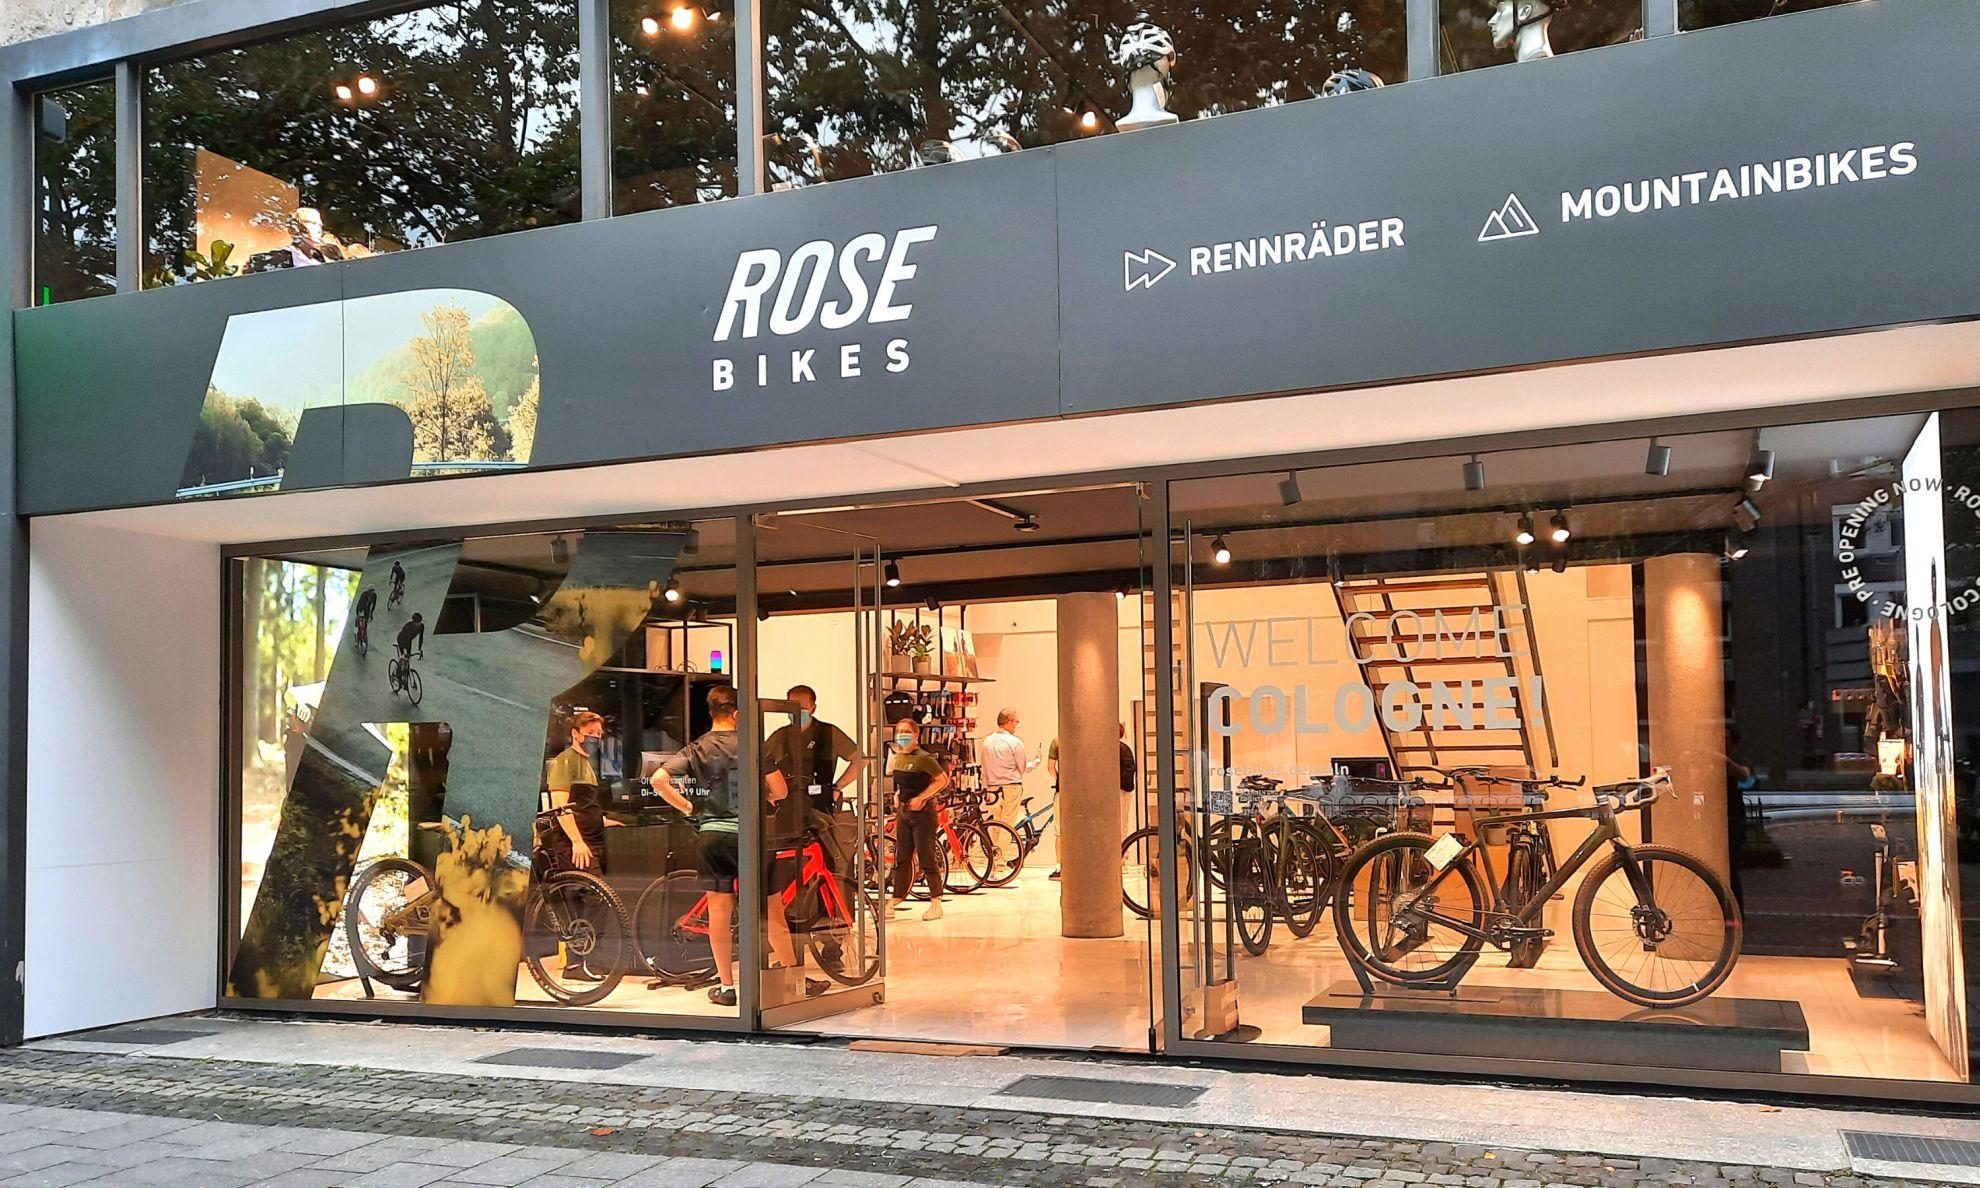 Mitte September fand die erste Teilöffnung des neuen Rose-Stores am Kaiser-Wilhelm-Ring in der Kölner Innenstadt statt